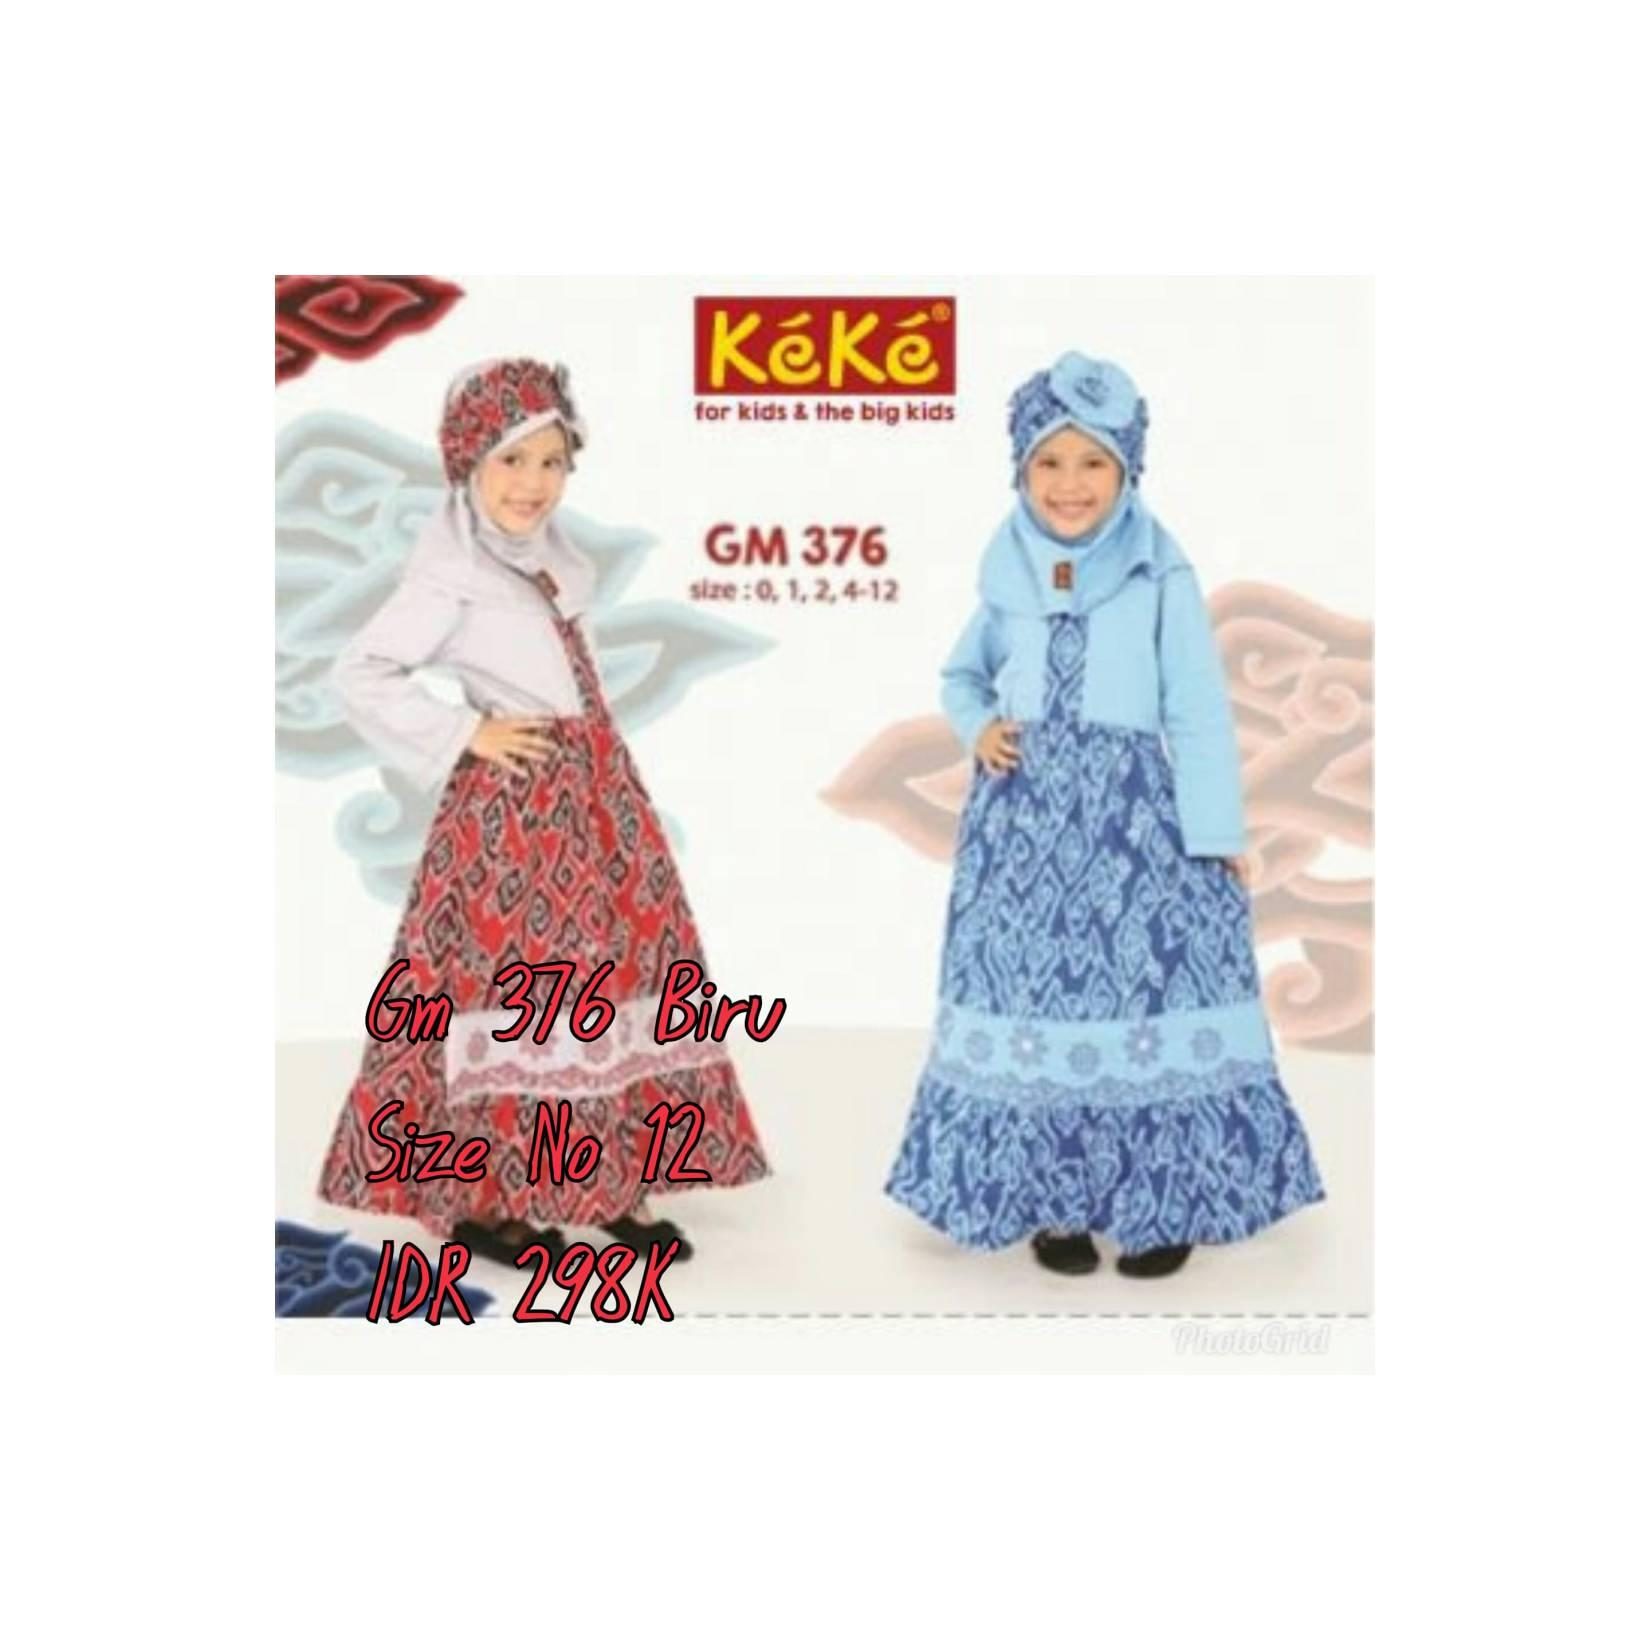 Keke Baju Anak Muslim GM 376 Merah No12 Diskon / Sale / Obral 25%